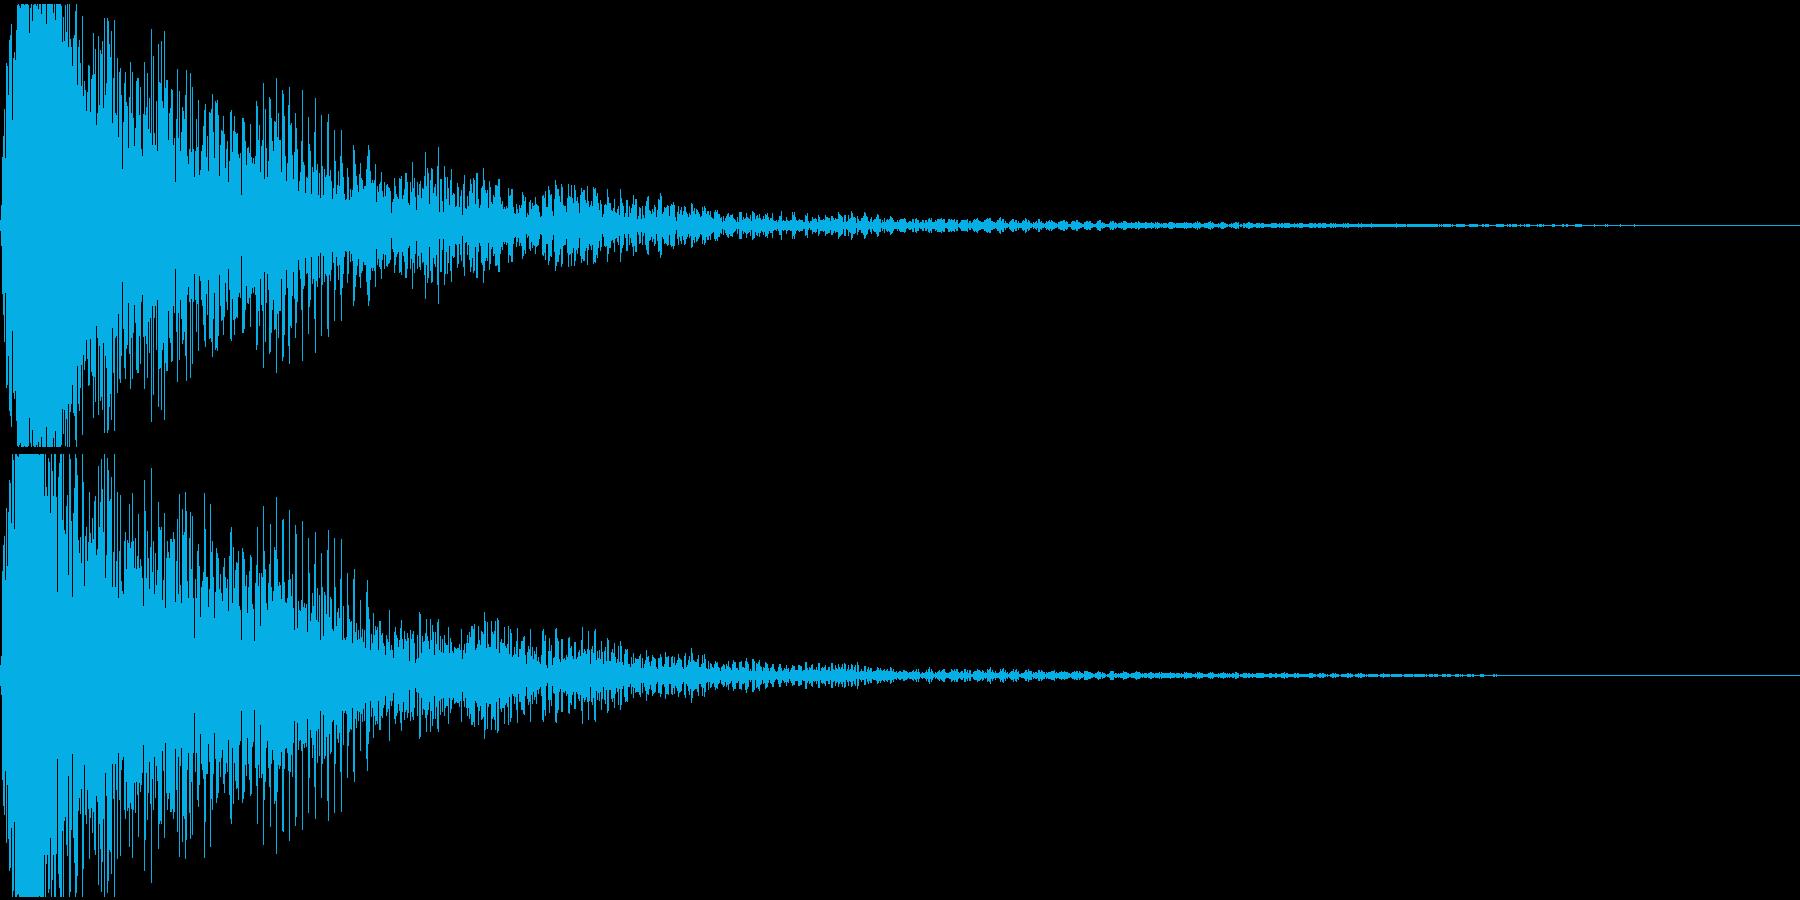 ミ単音のオーケストラルヒットの再生済みの波形